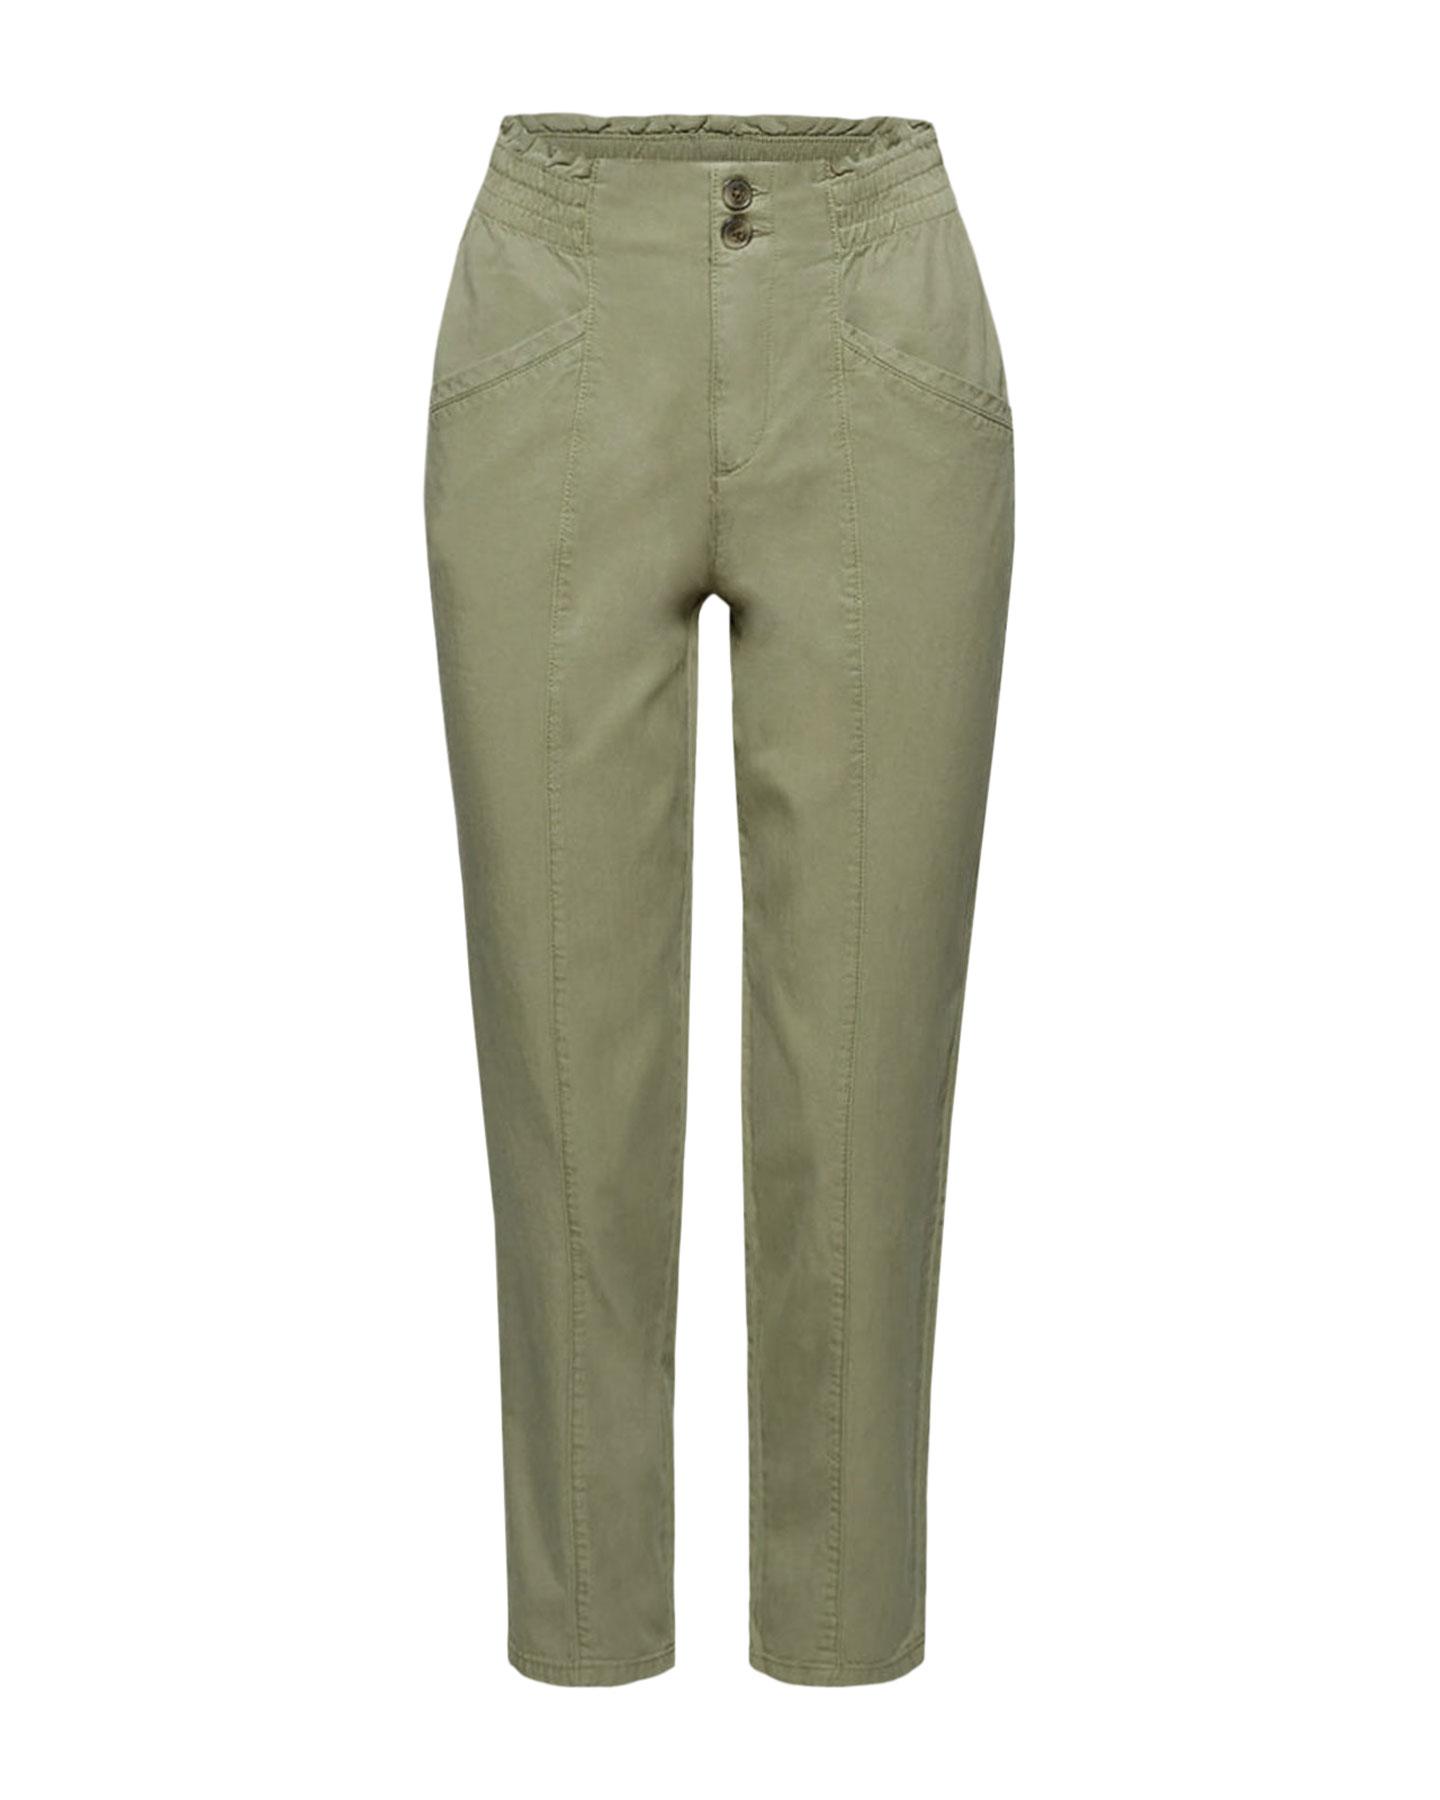 pantalon verde caqui look comfy